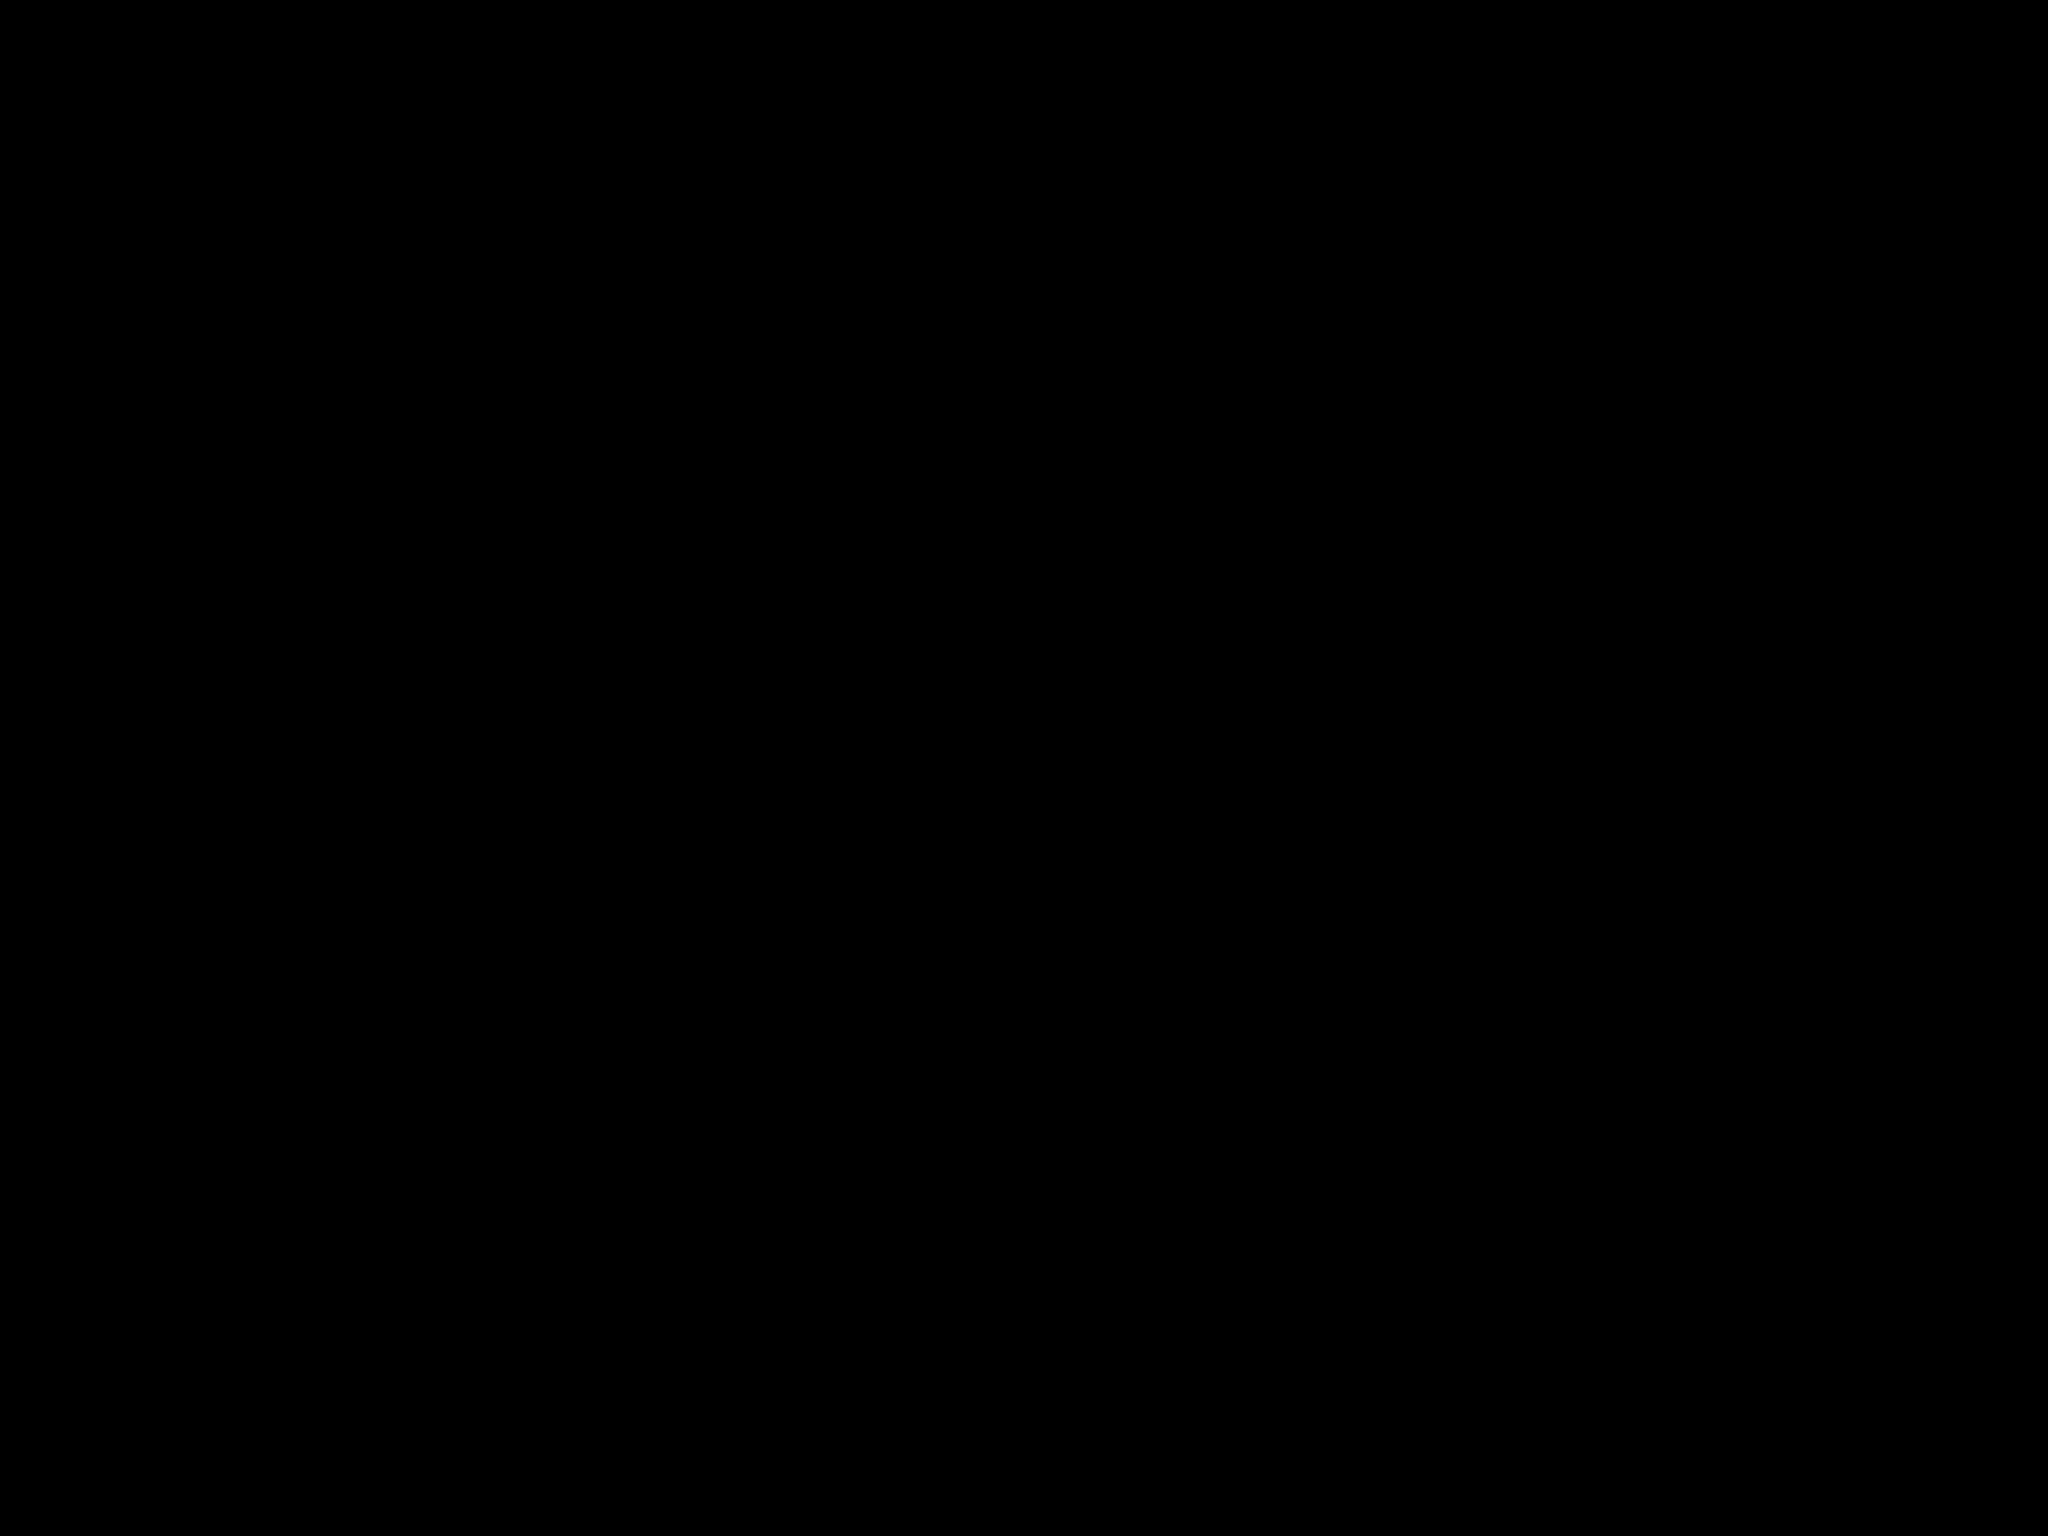 DSCF5259